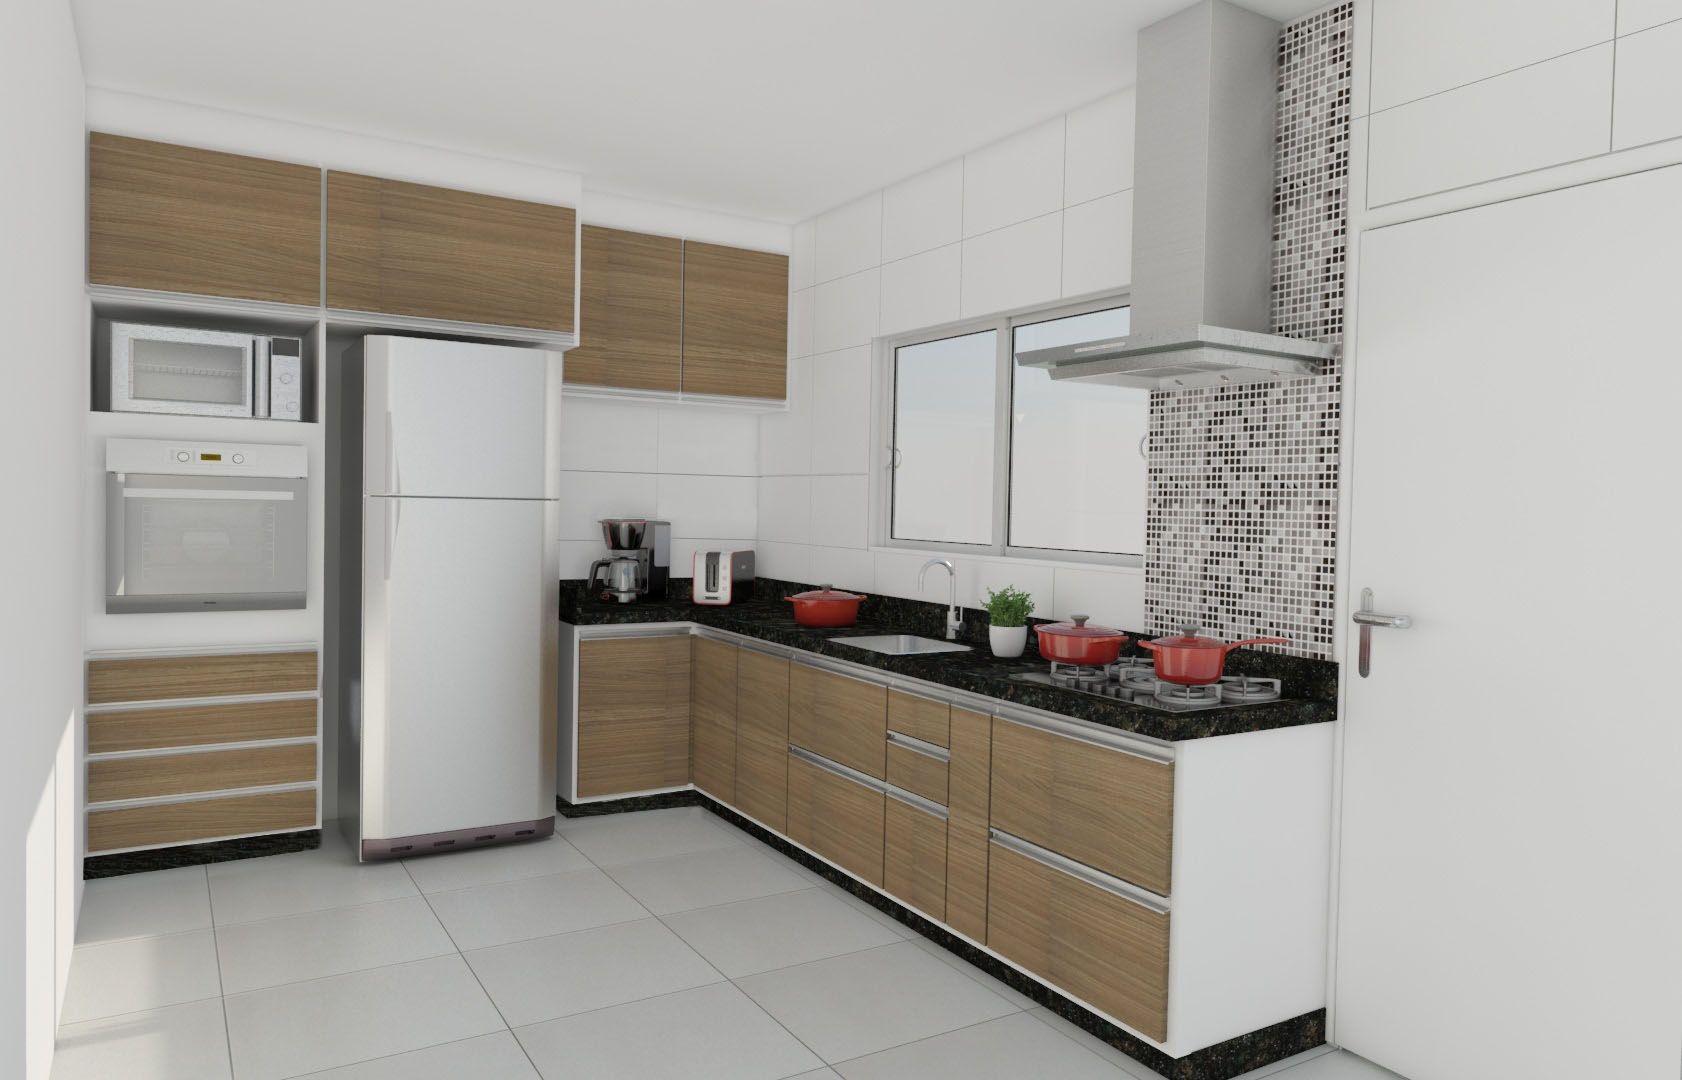 Cozinha Pequena Verde Beyato Com V Rios Desenhos Sobre Id Ias